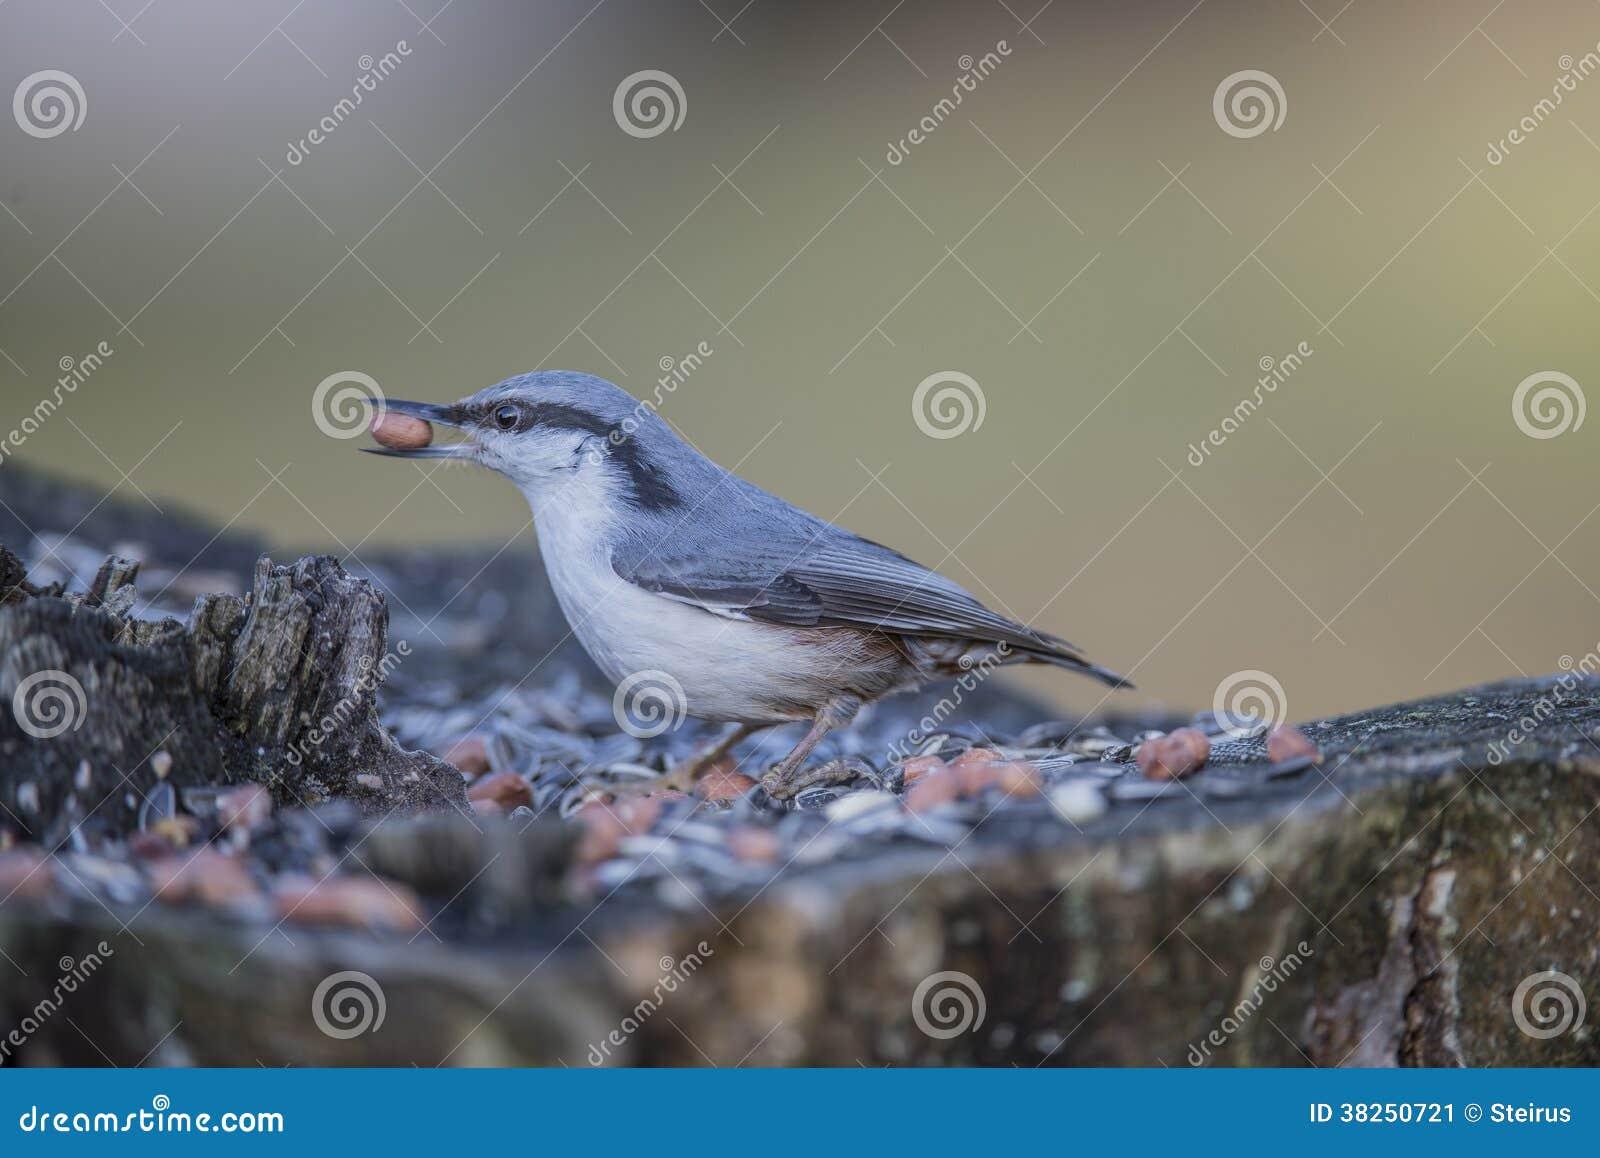 欧亚五子雀(五子雀类europaea)